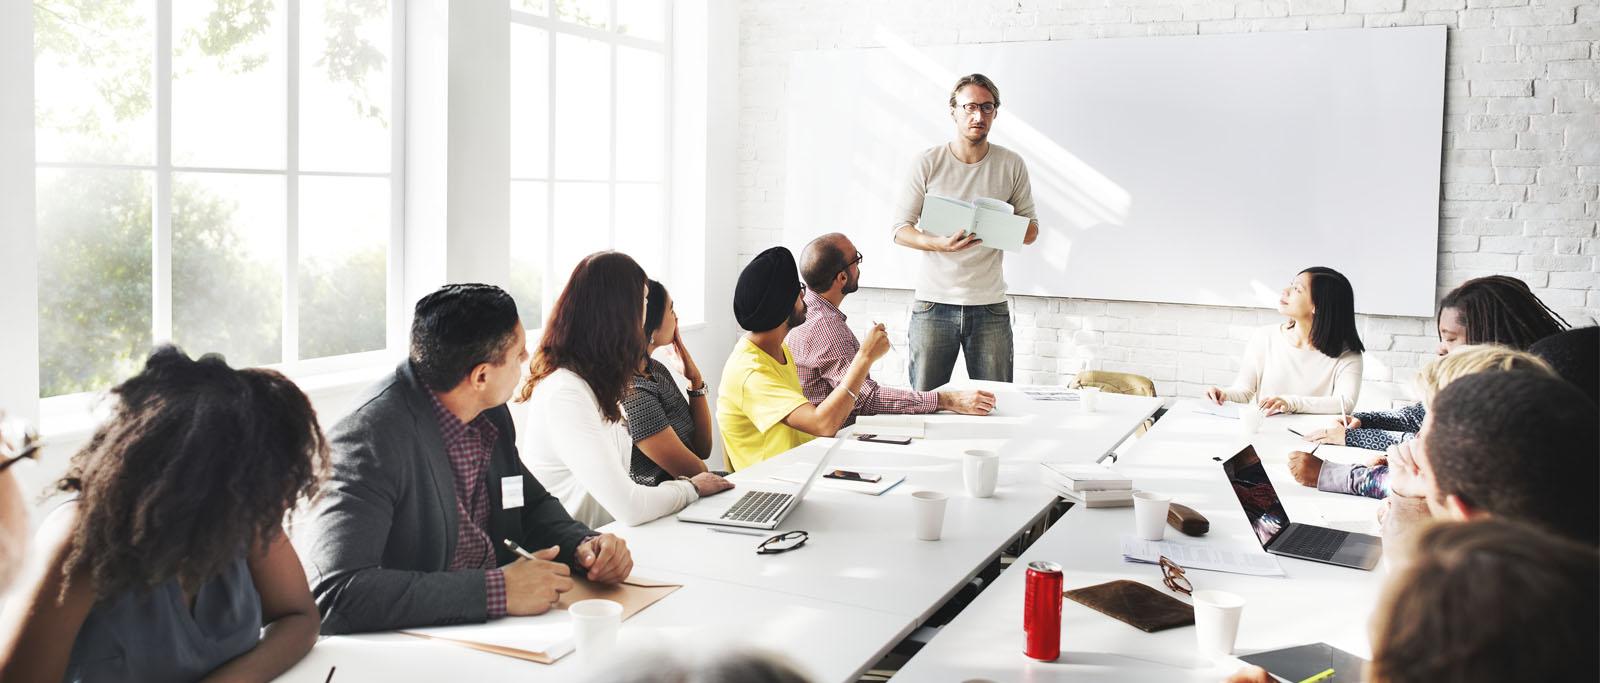 7 passos para aplicar treinamentos de vendas B2B